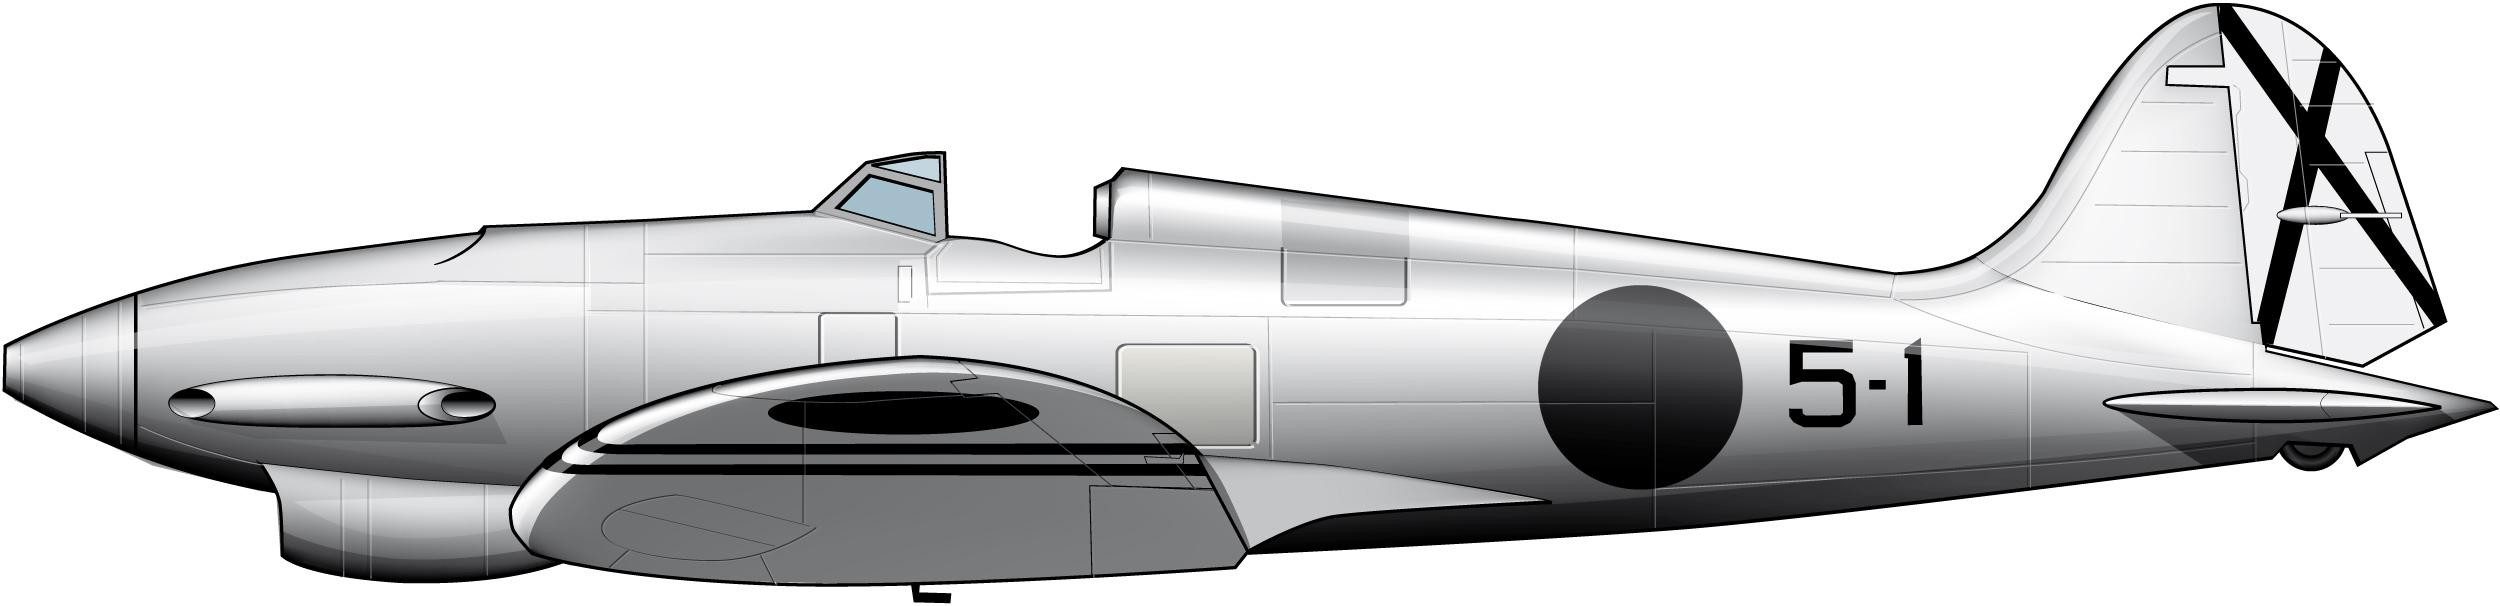 heinkelhe112prototipo